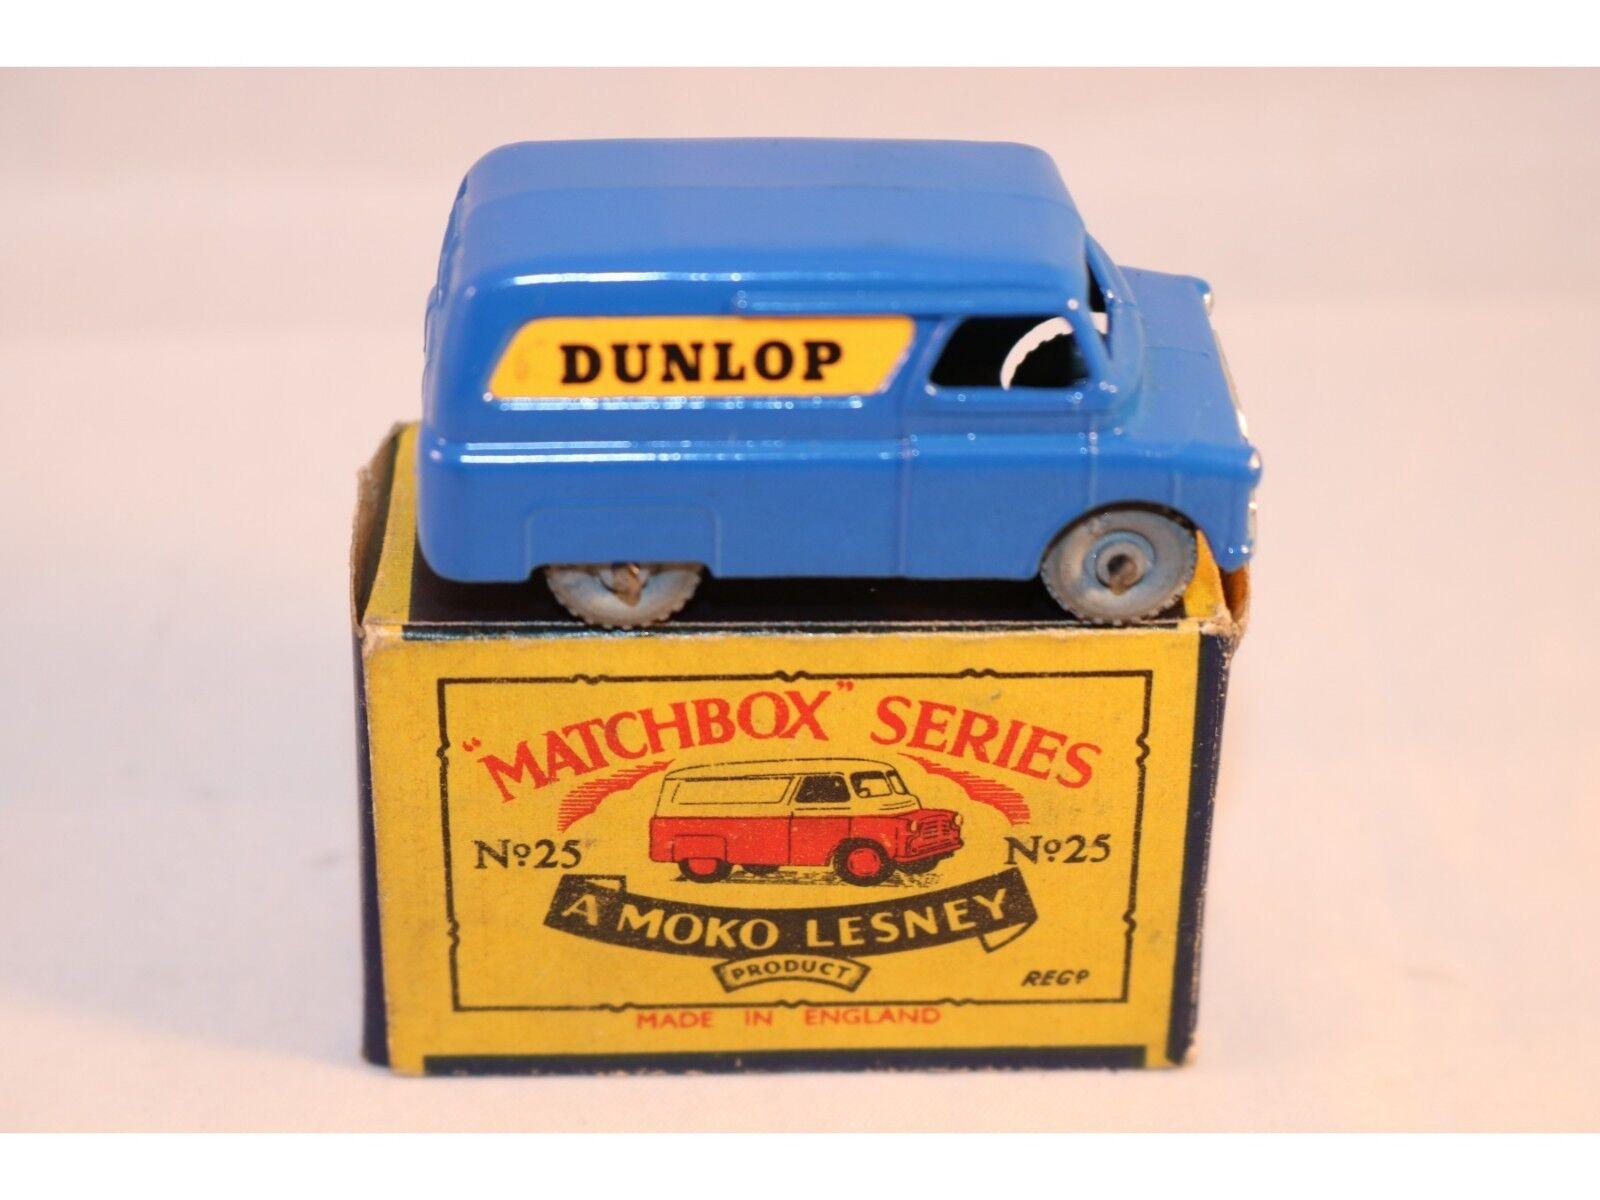 Matchbox lesney 25 bedford  dunlop  99,9% minze im kasten alle original - super gmw